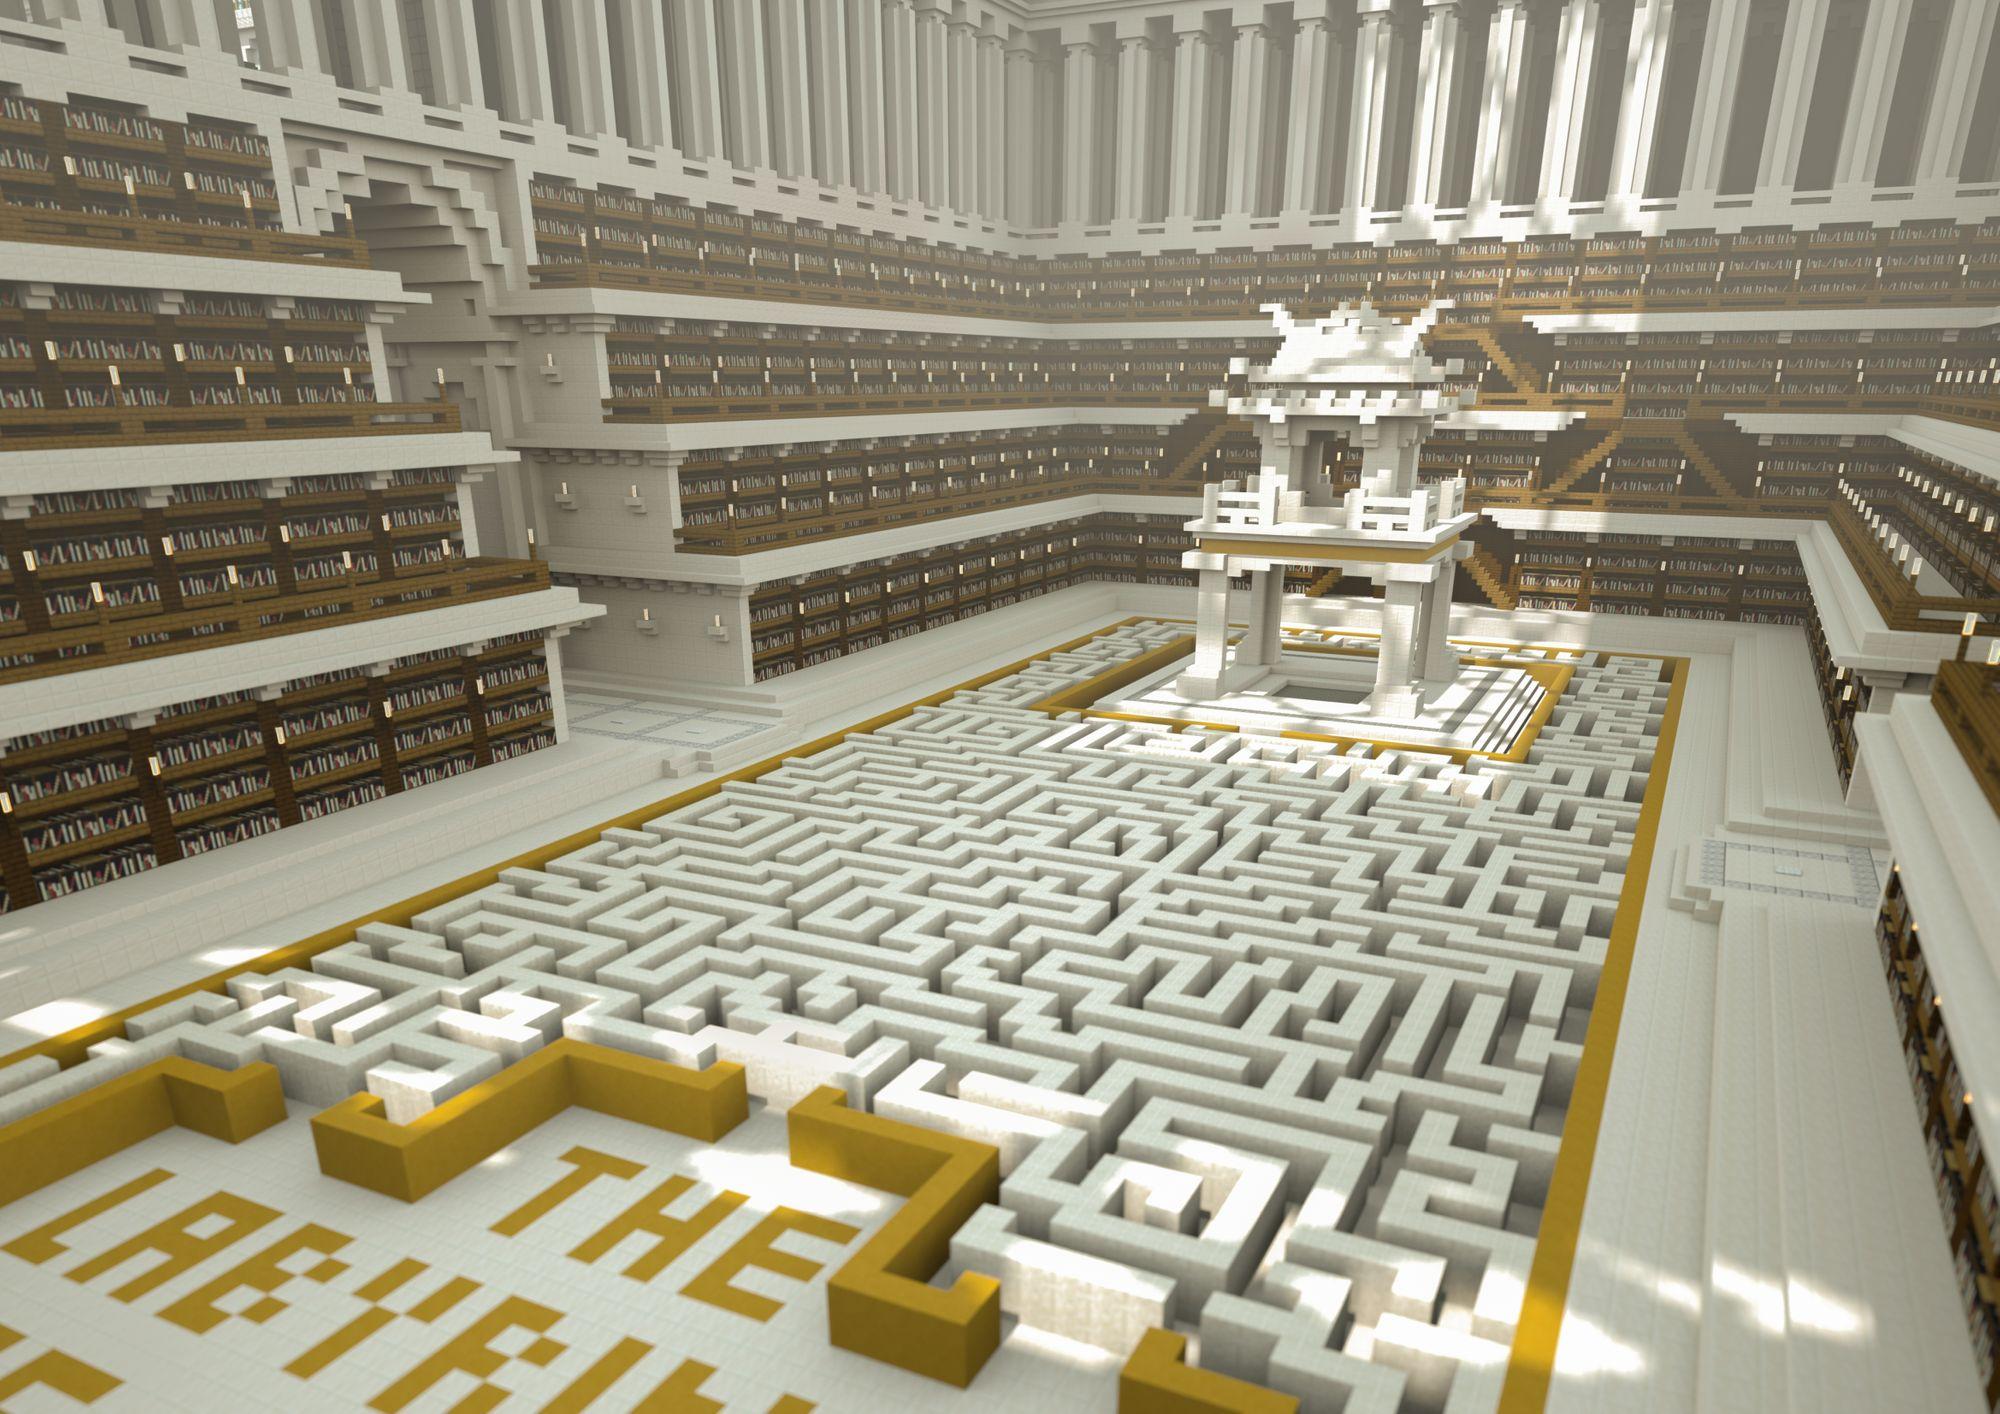 Section dédiée au Vietnam (les livres sont au centre, dans la pagode) - © Reporters Sans Frontières